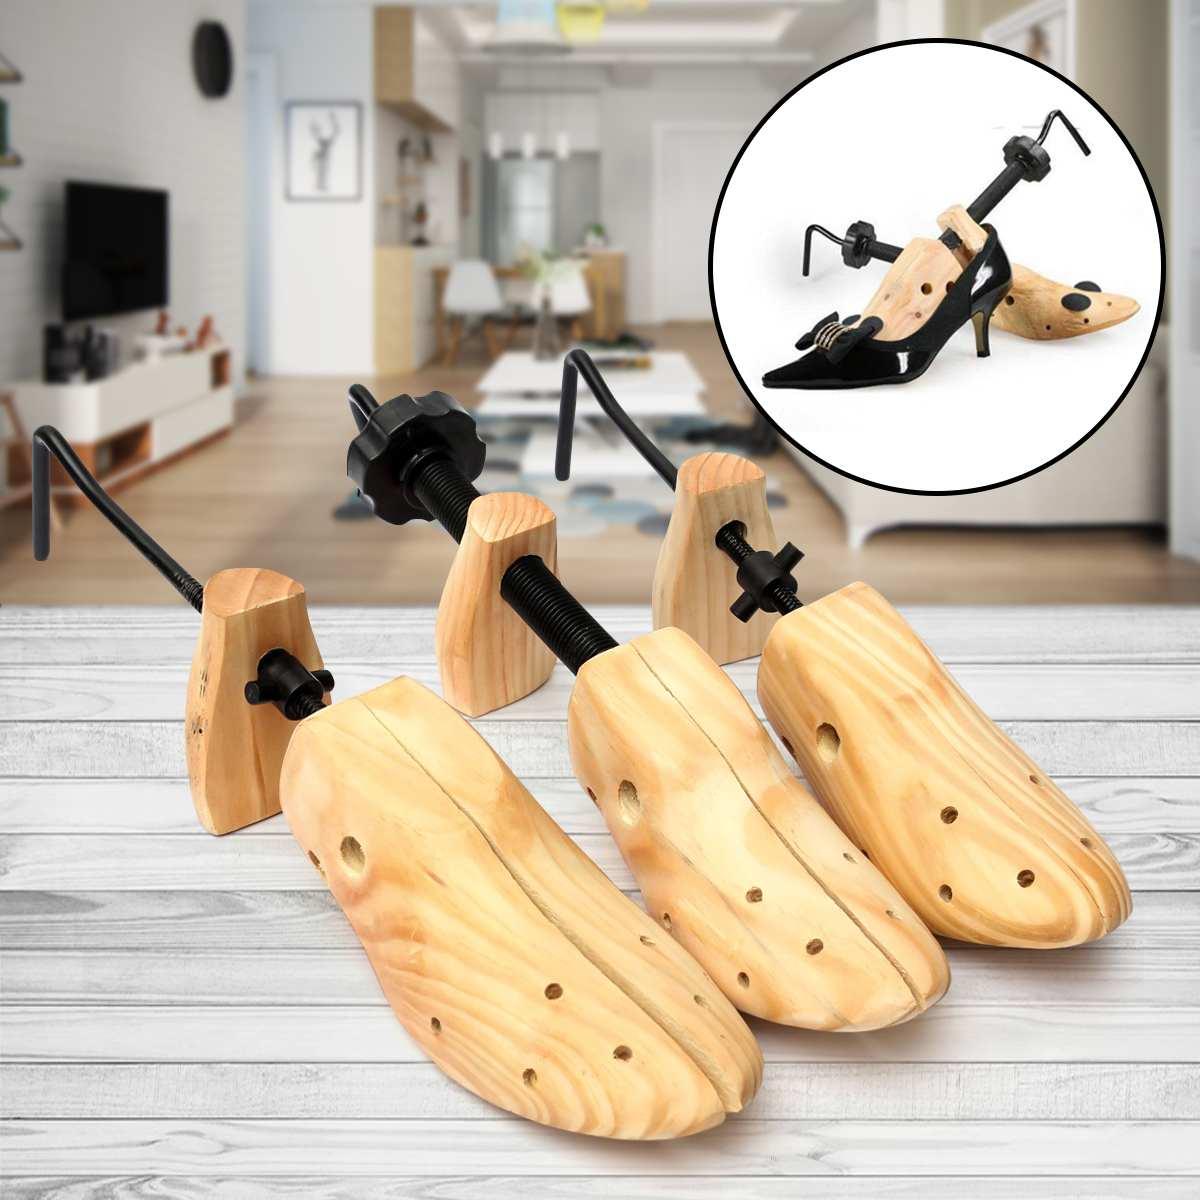 unisex-1-piece-shoe-stretcher-wooden-shoes-tree-shaper-rackwood-adjustable-flats-pumps-boots-expander-trees-size-s-m-l